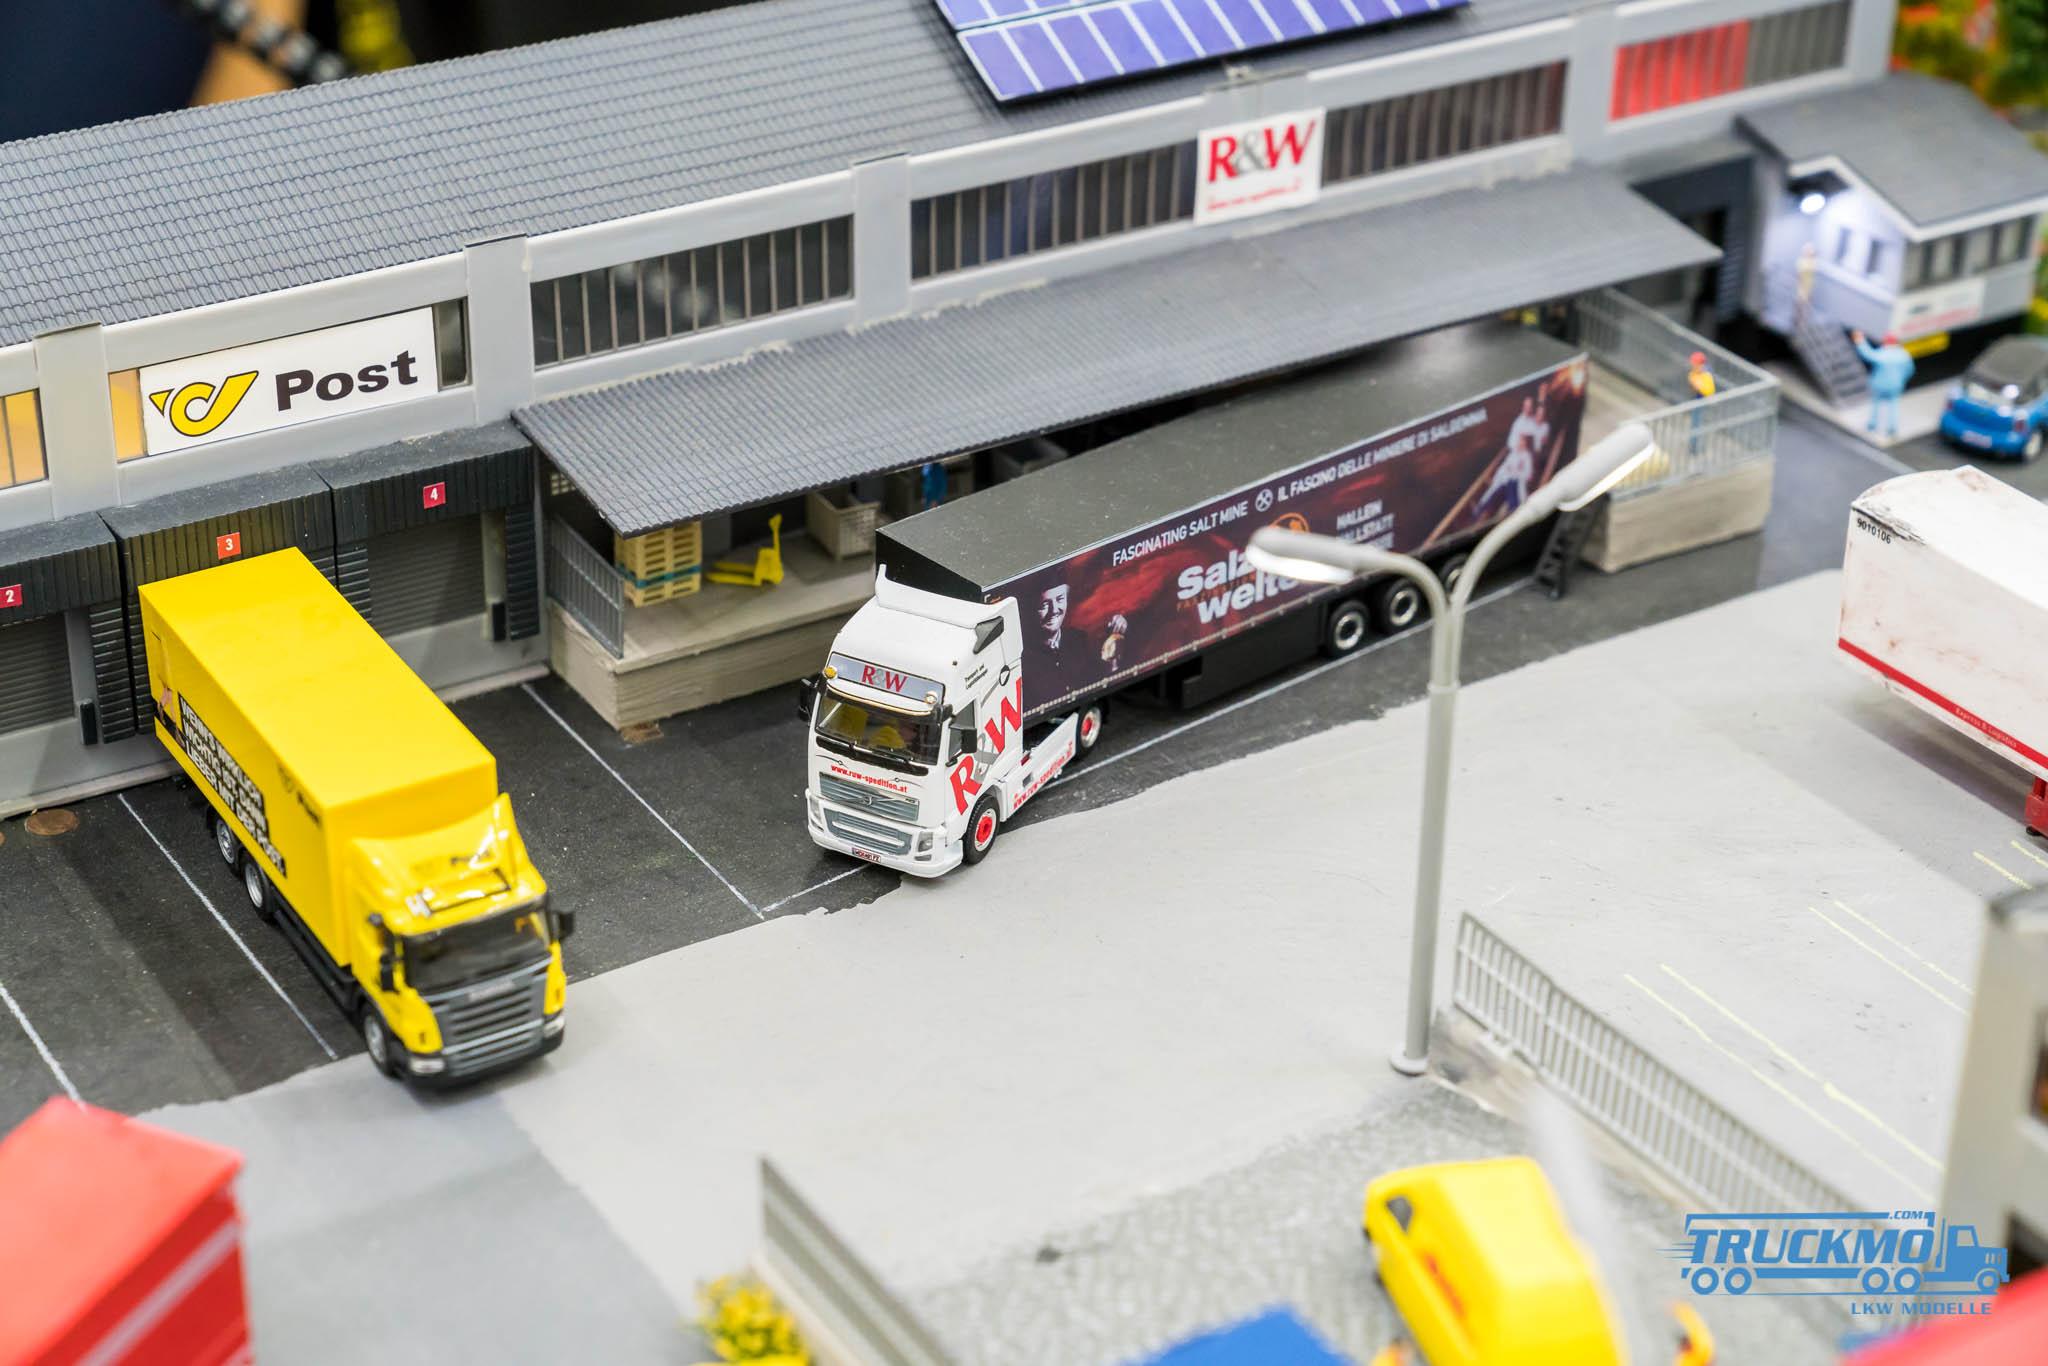 Truckmo_Modellbau_Ried_2017_Herpa_Messe_Modellbauausstellung (212 von 1177)